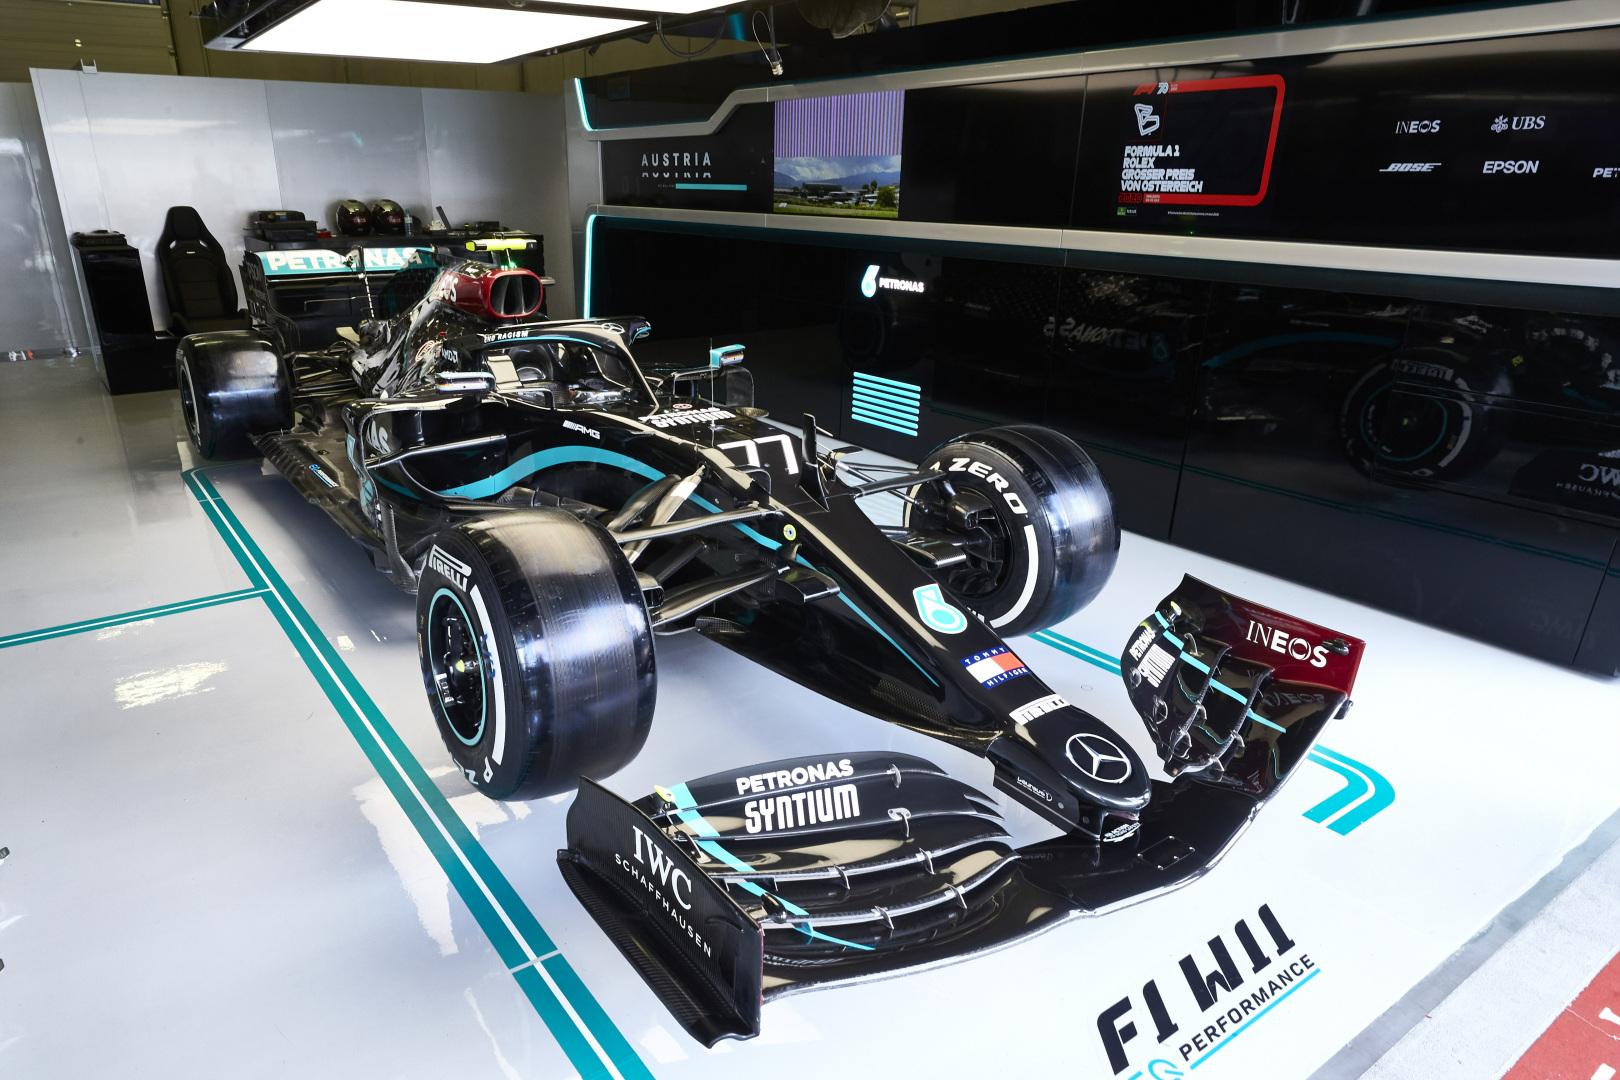 La Mercedes de Bottas était en morceaux dans le garage avant les qualifications 1